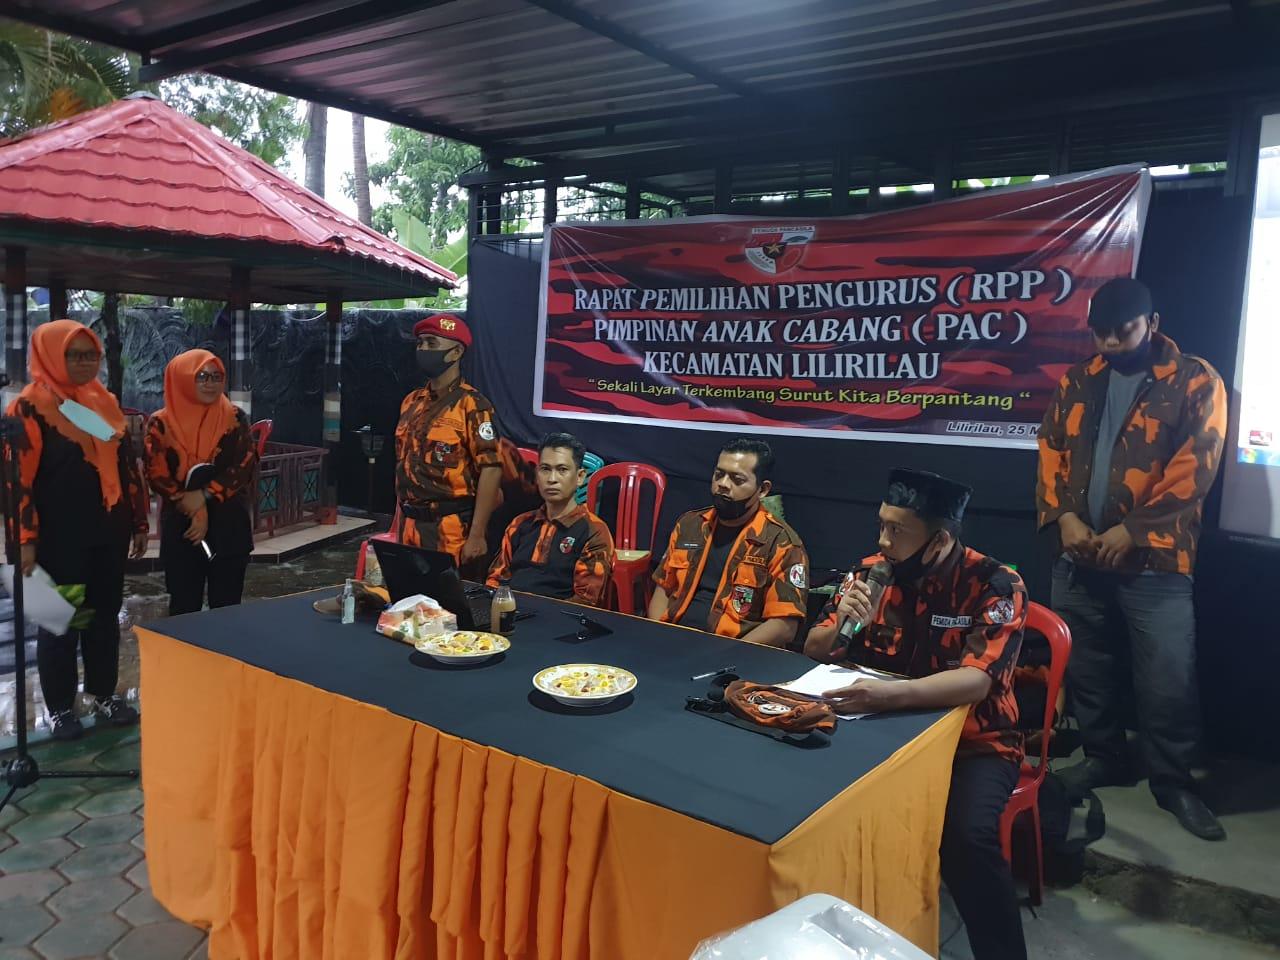 Rapat Pemilihan Pengurus PAC Pemuda Pancasila Kecamatan Lilirilau Digelar, Ini Ketua PAC PP Yang Baru